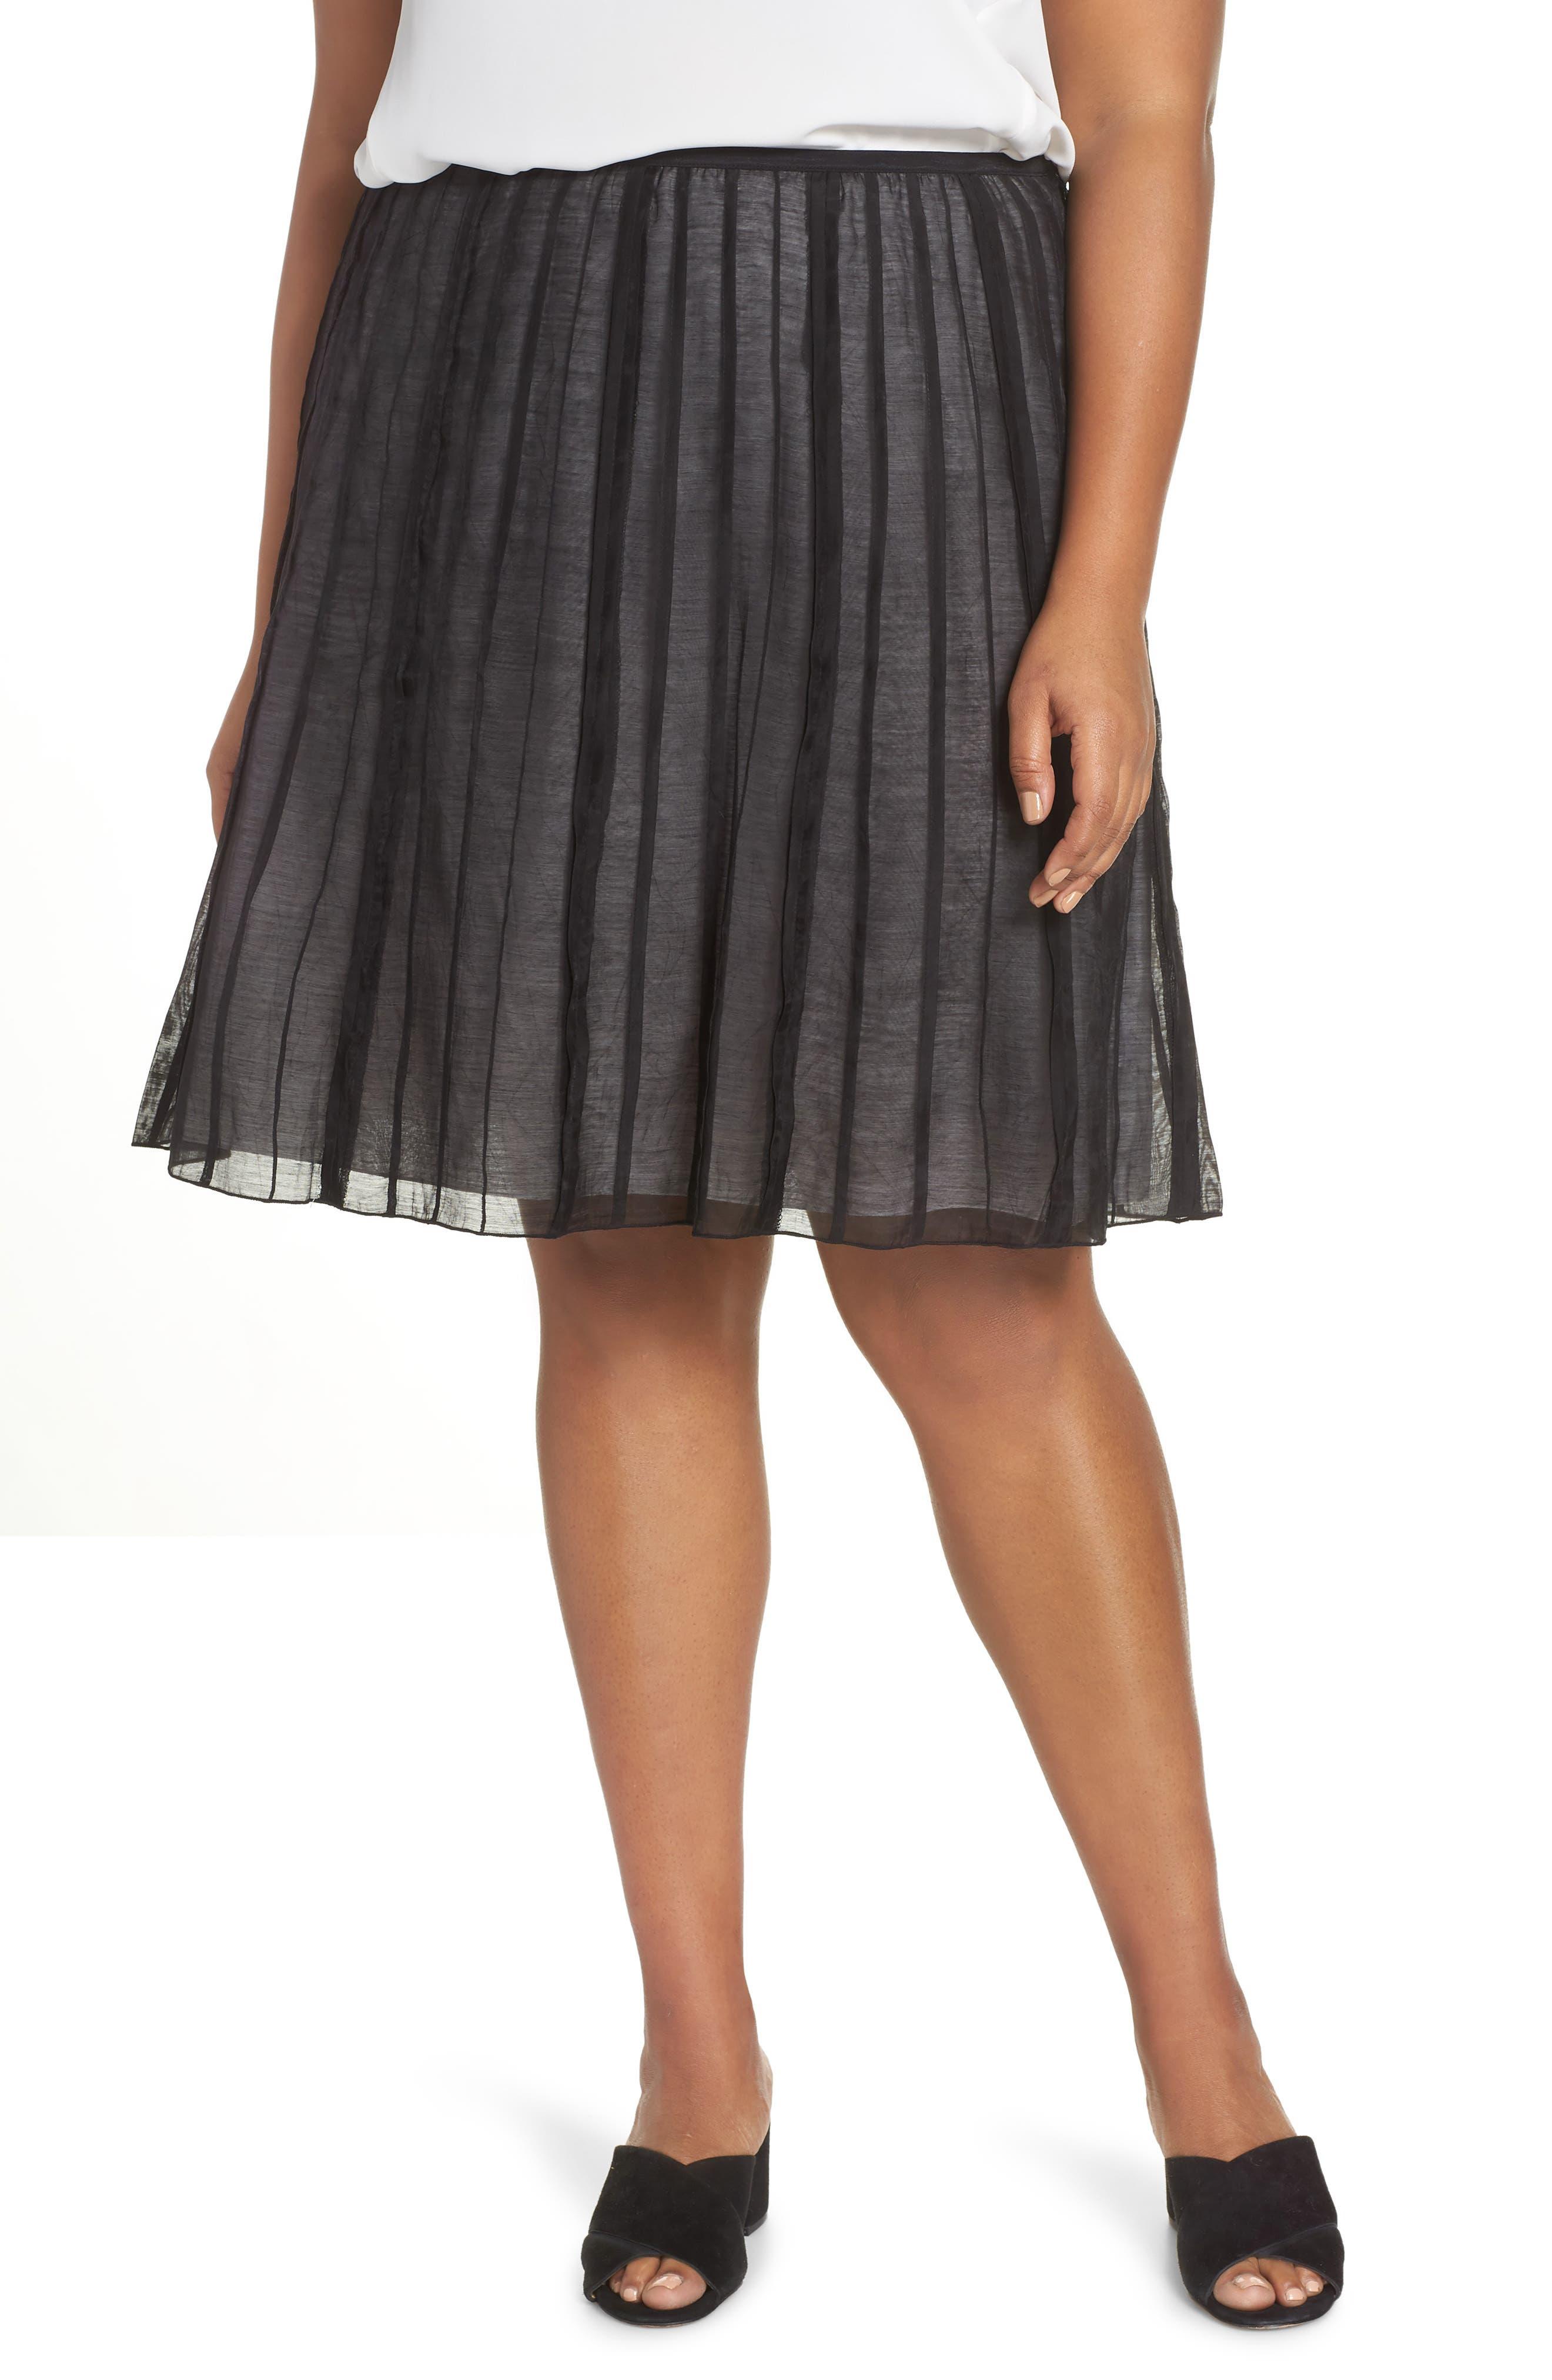 Batiste Flirt Skirt,                         Main,                         color, BLACK ONYX